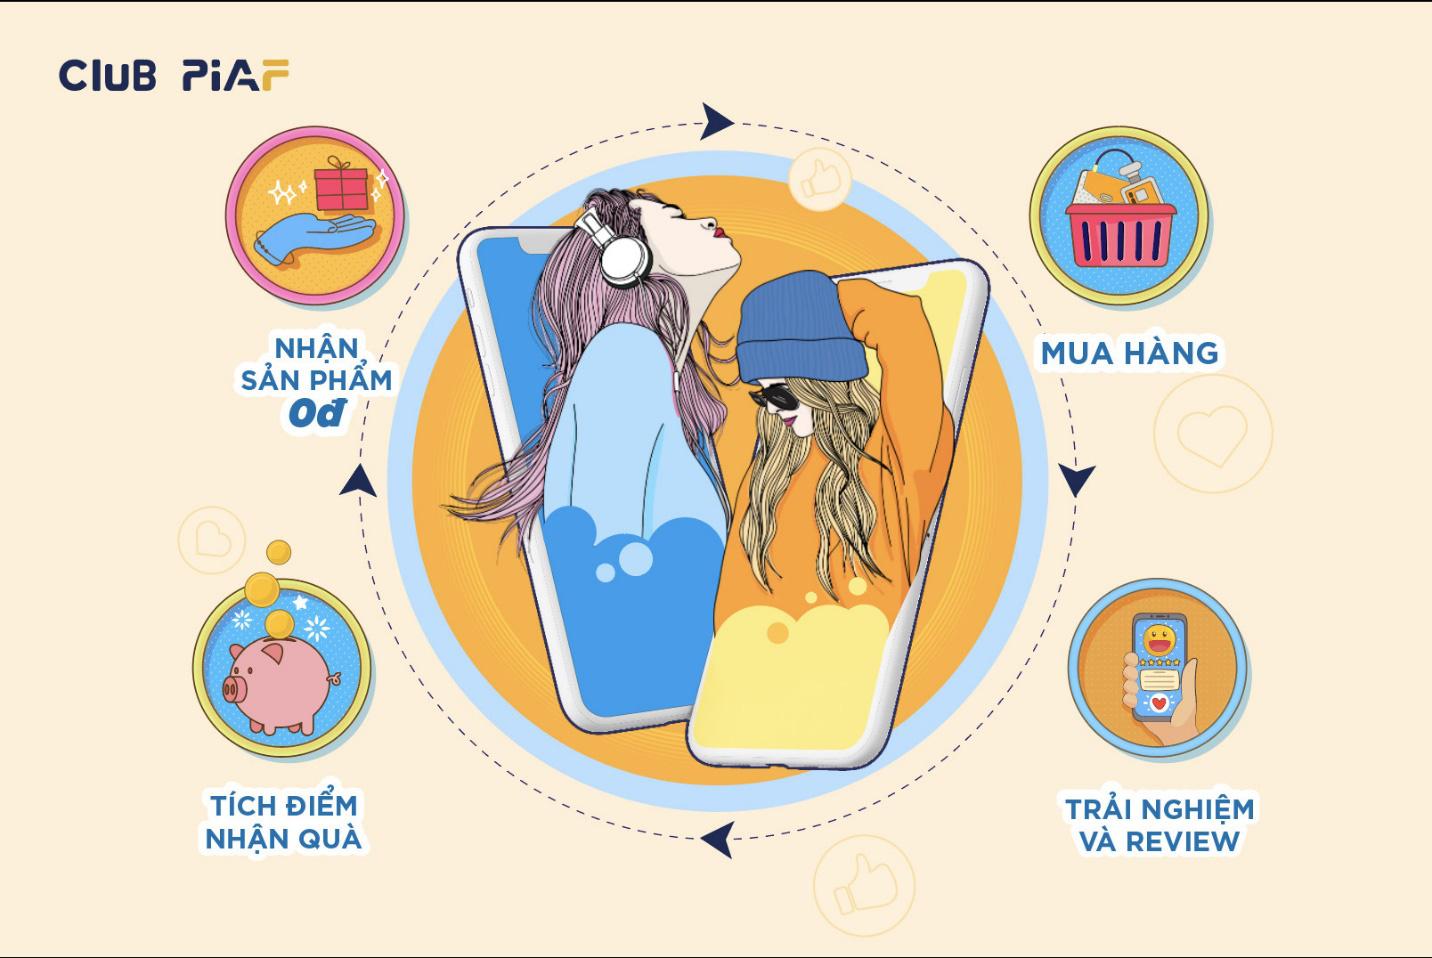 Club Piaf - Nền tảng review hiện đại, tích hợp trải nghiệm và mua sắm - Ảnh 3.